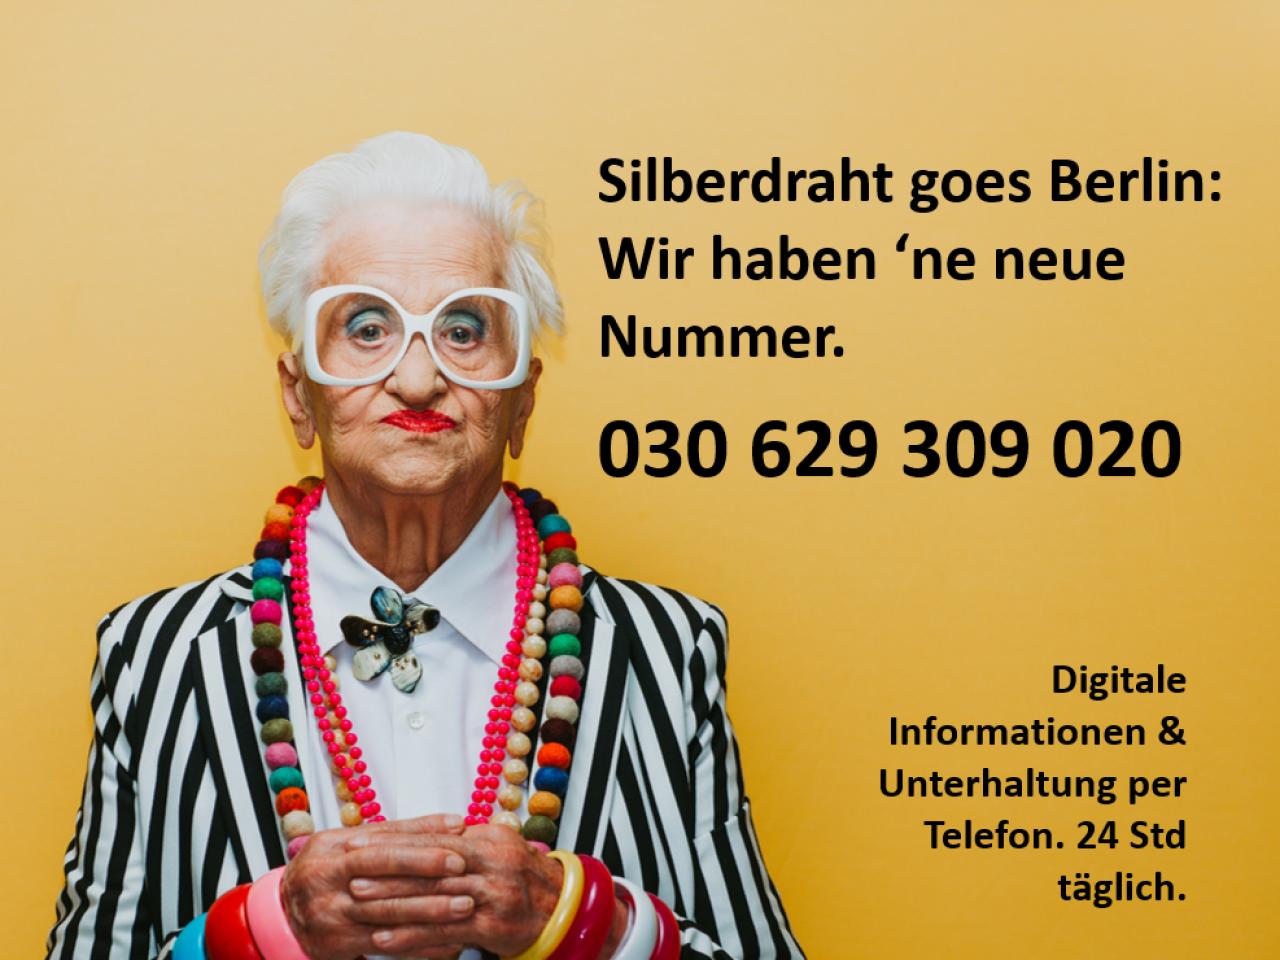 Banner mit Telefonnummer zu Silberdraht: 030 629 309 020